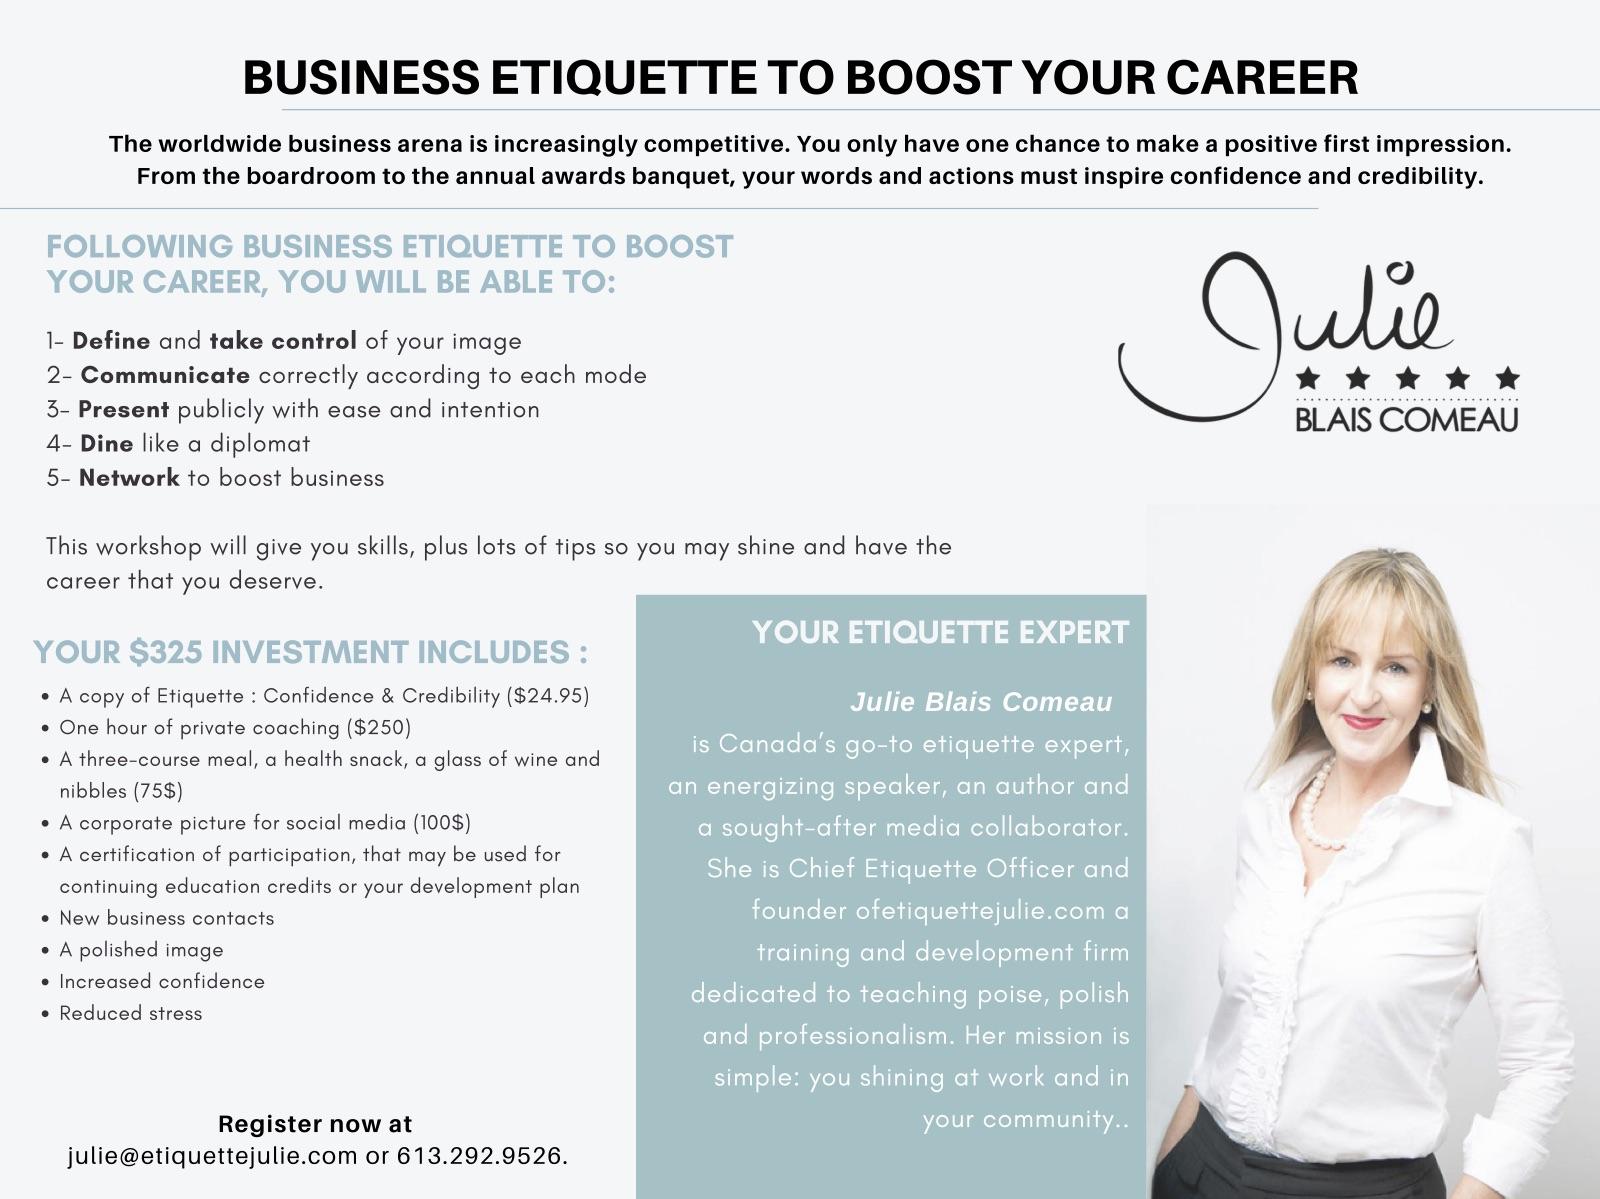 Business Etiquette Workshop Julie Blais Comeau